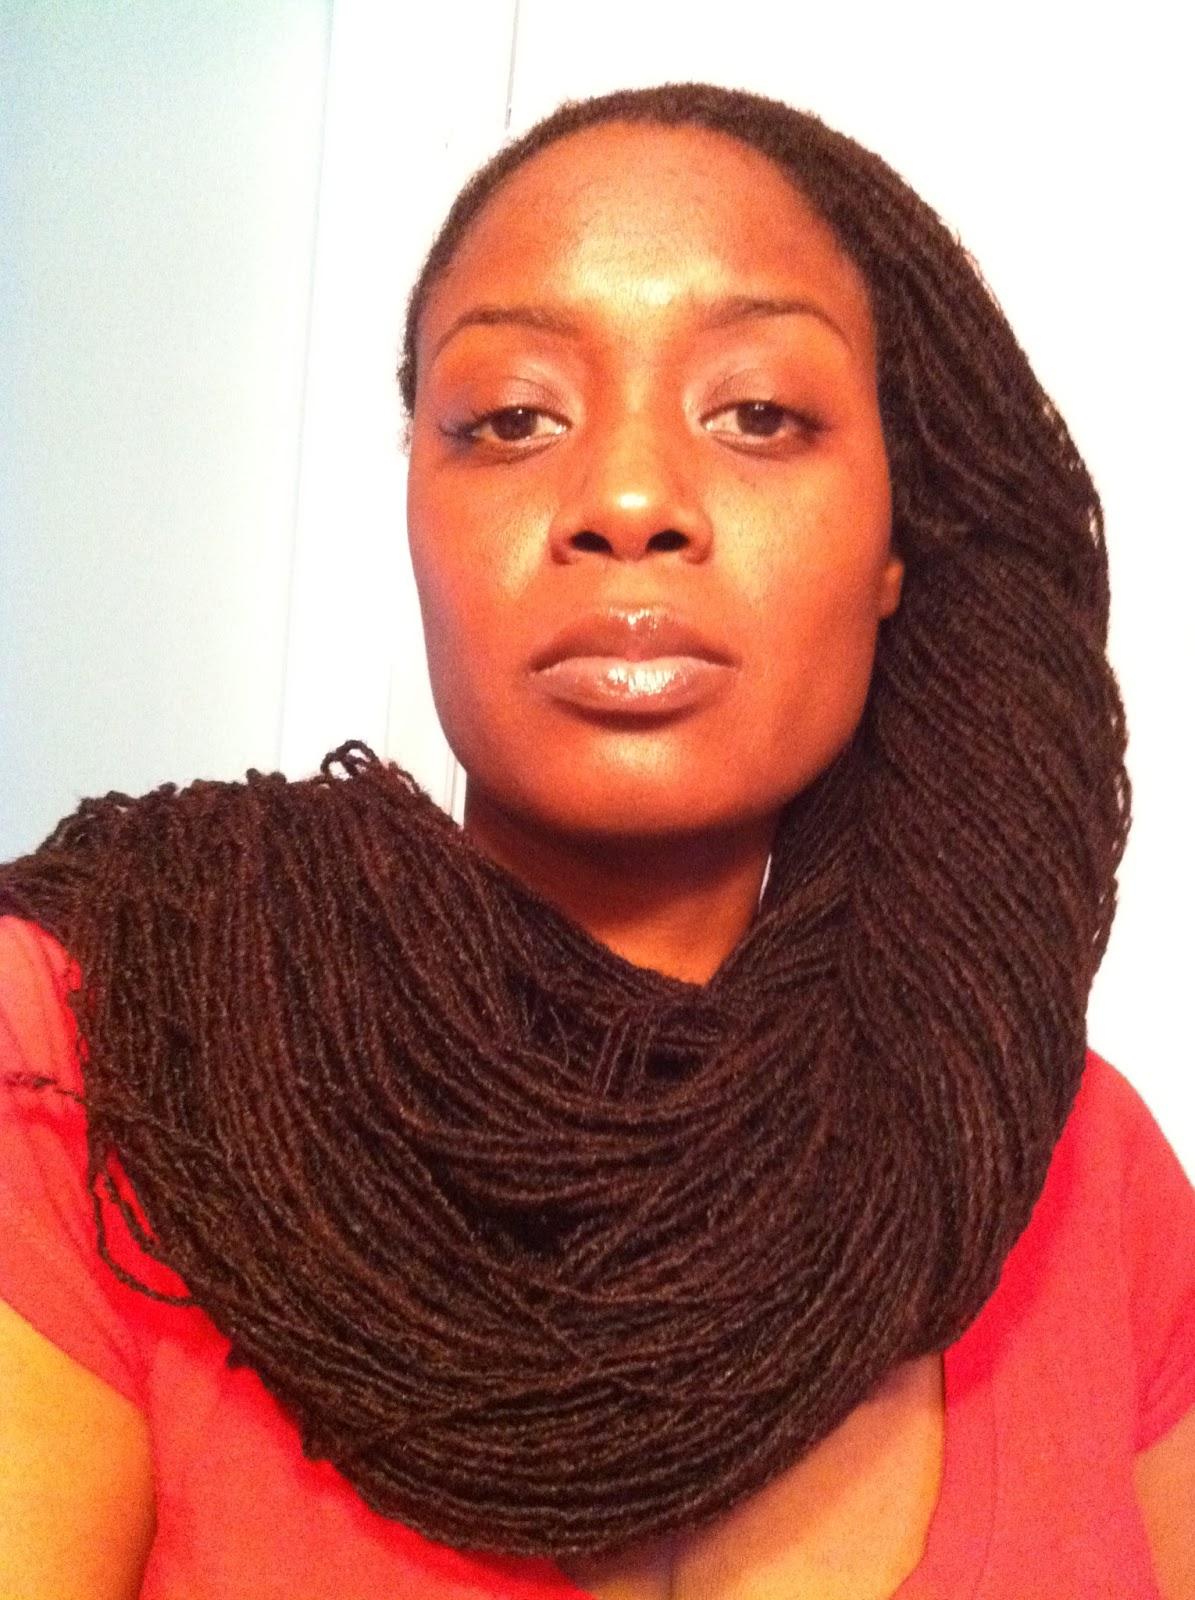 Kreyolas Journeys Interview Meet Miss Charles whos 11